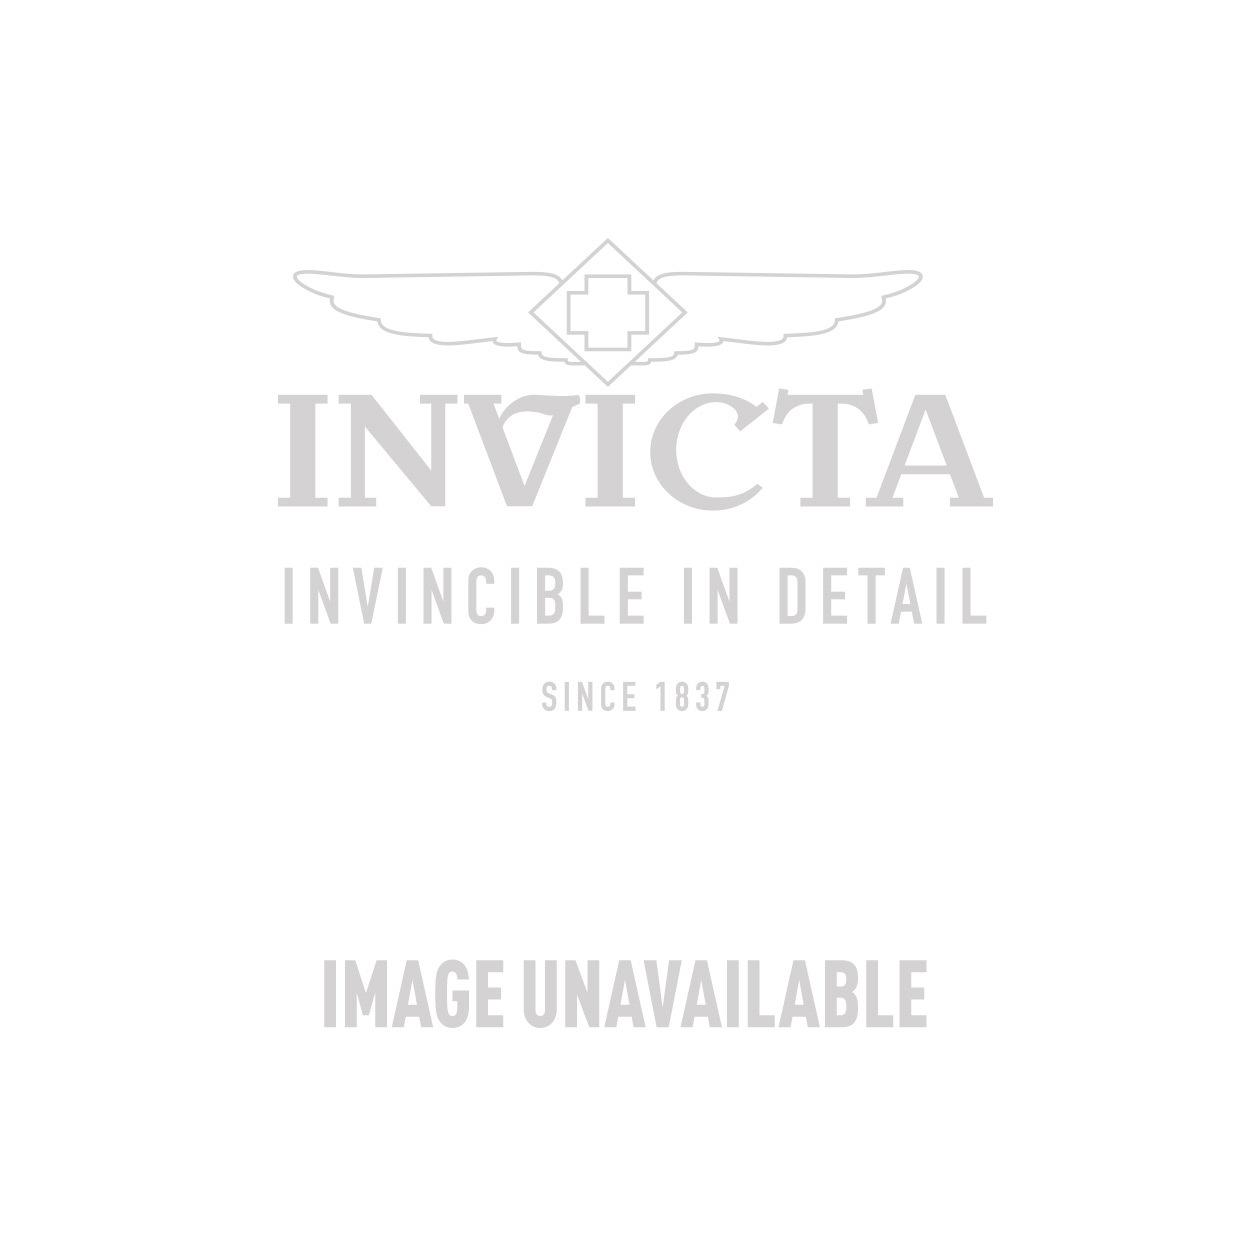 Invicta Model 27680